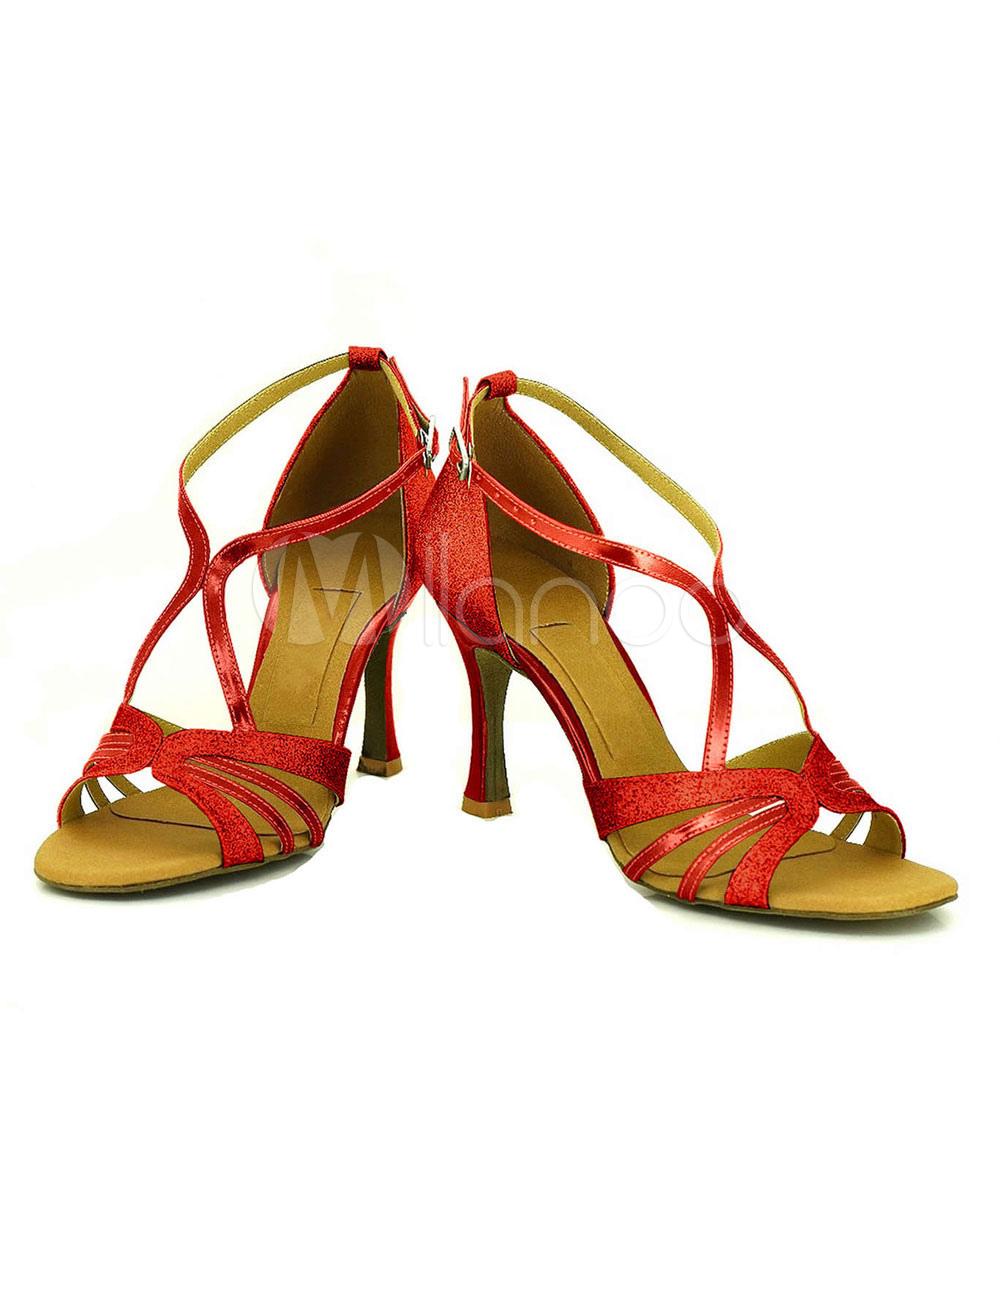 Baile negro del alto talón con lentejuelas Criss-cross modificado para requisitos particulares de la mujer salón zapatos Gnvi9CHR